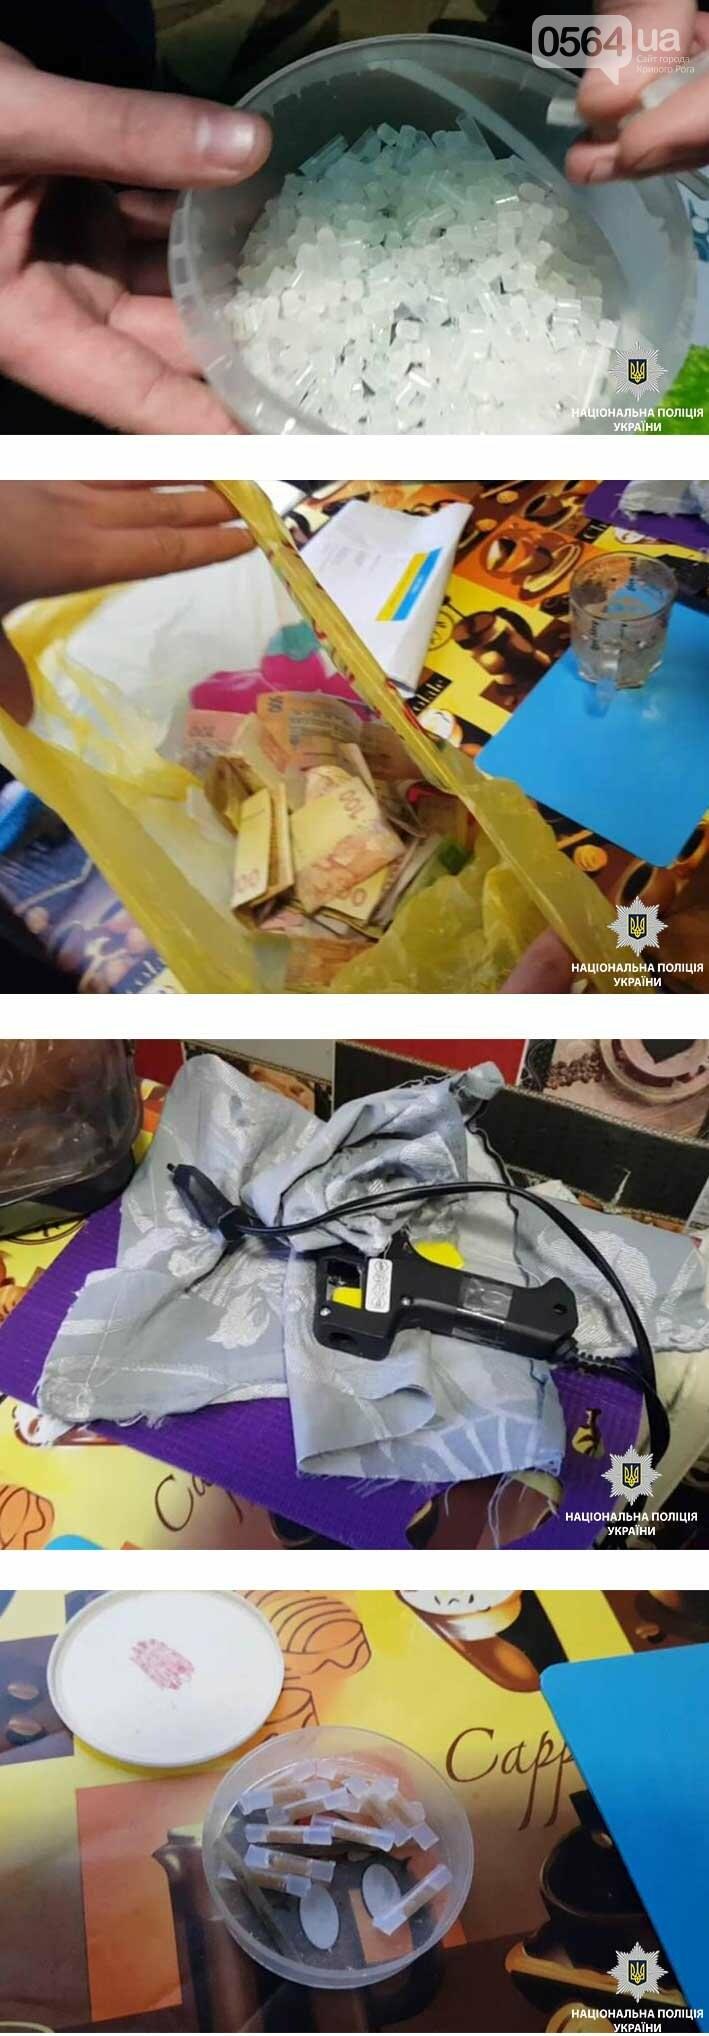 Полиция в Кривом Роге задержала наркодилера, сбывавшего наркотики возле школы (ФОТО), фото-1